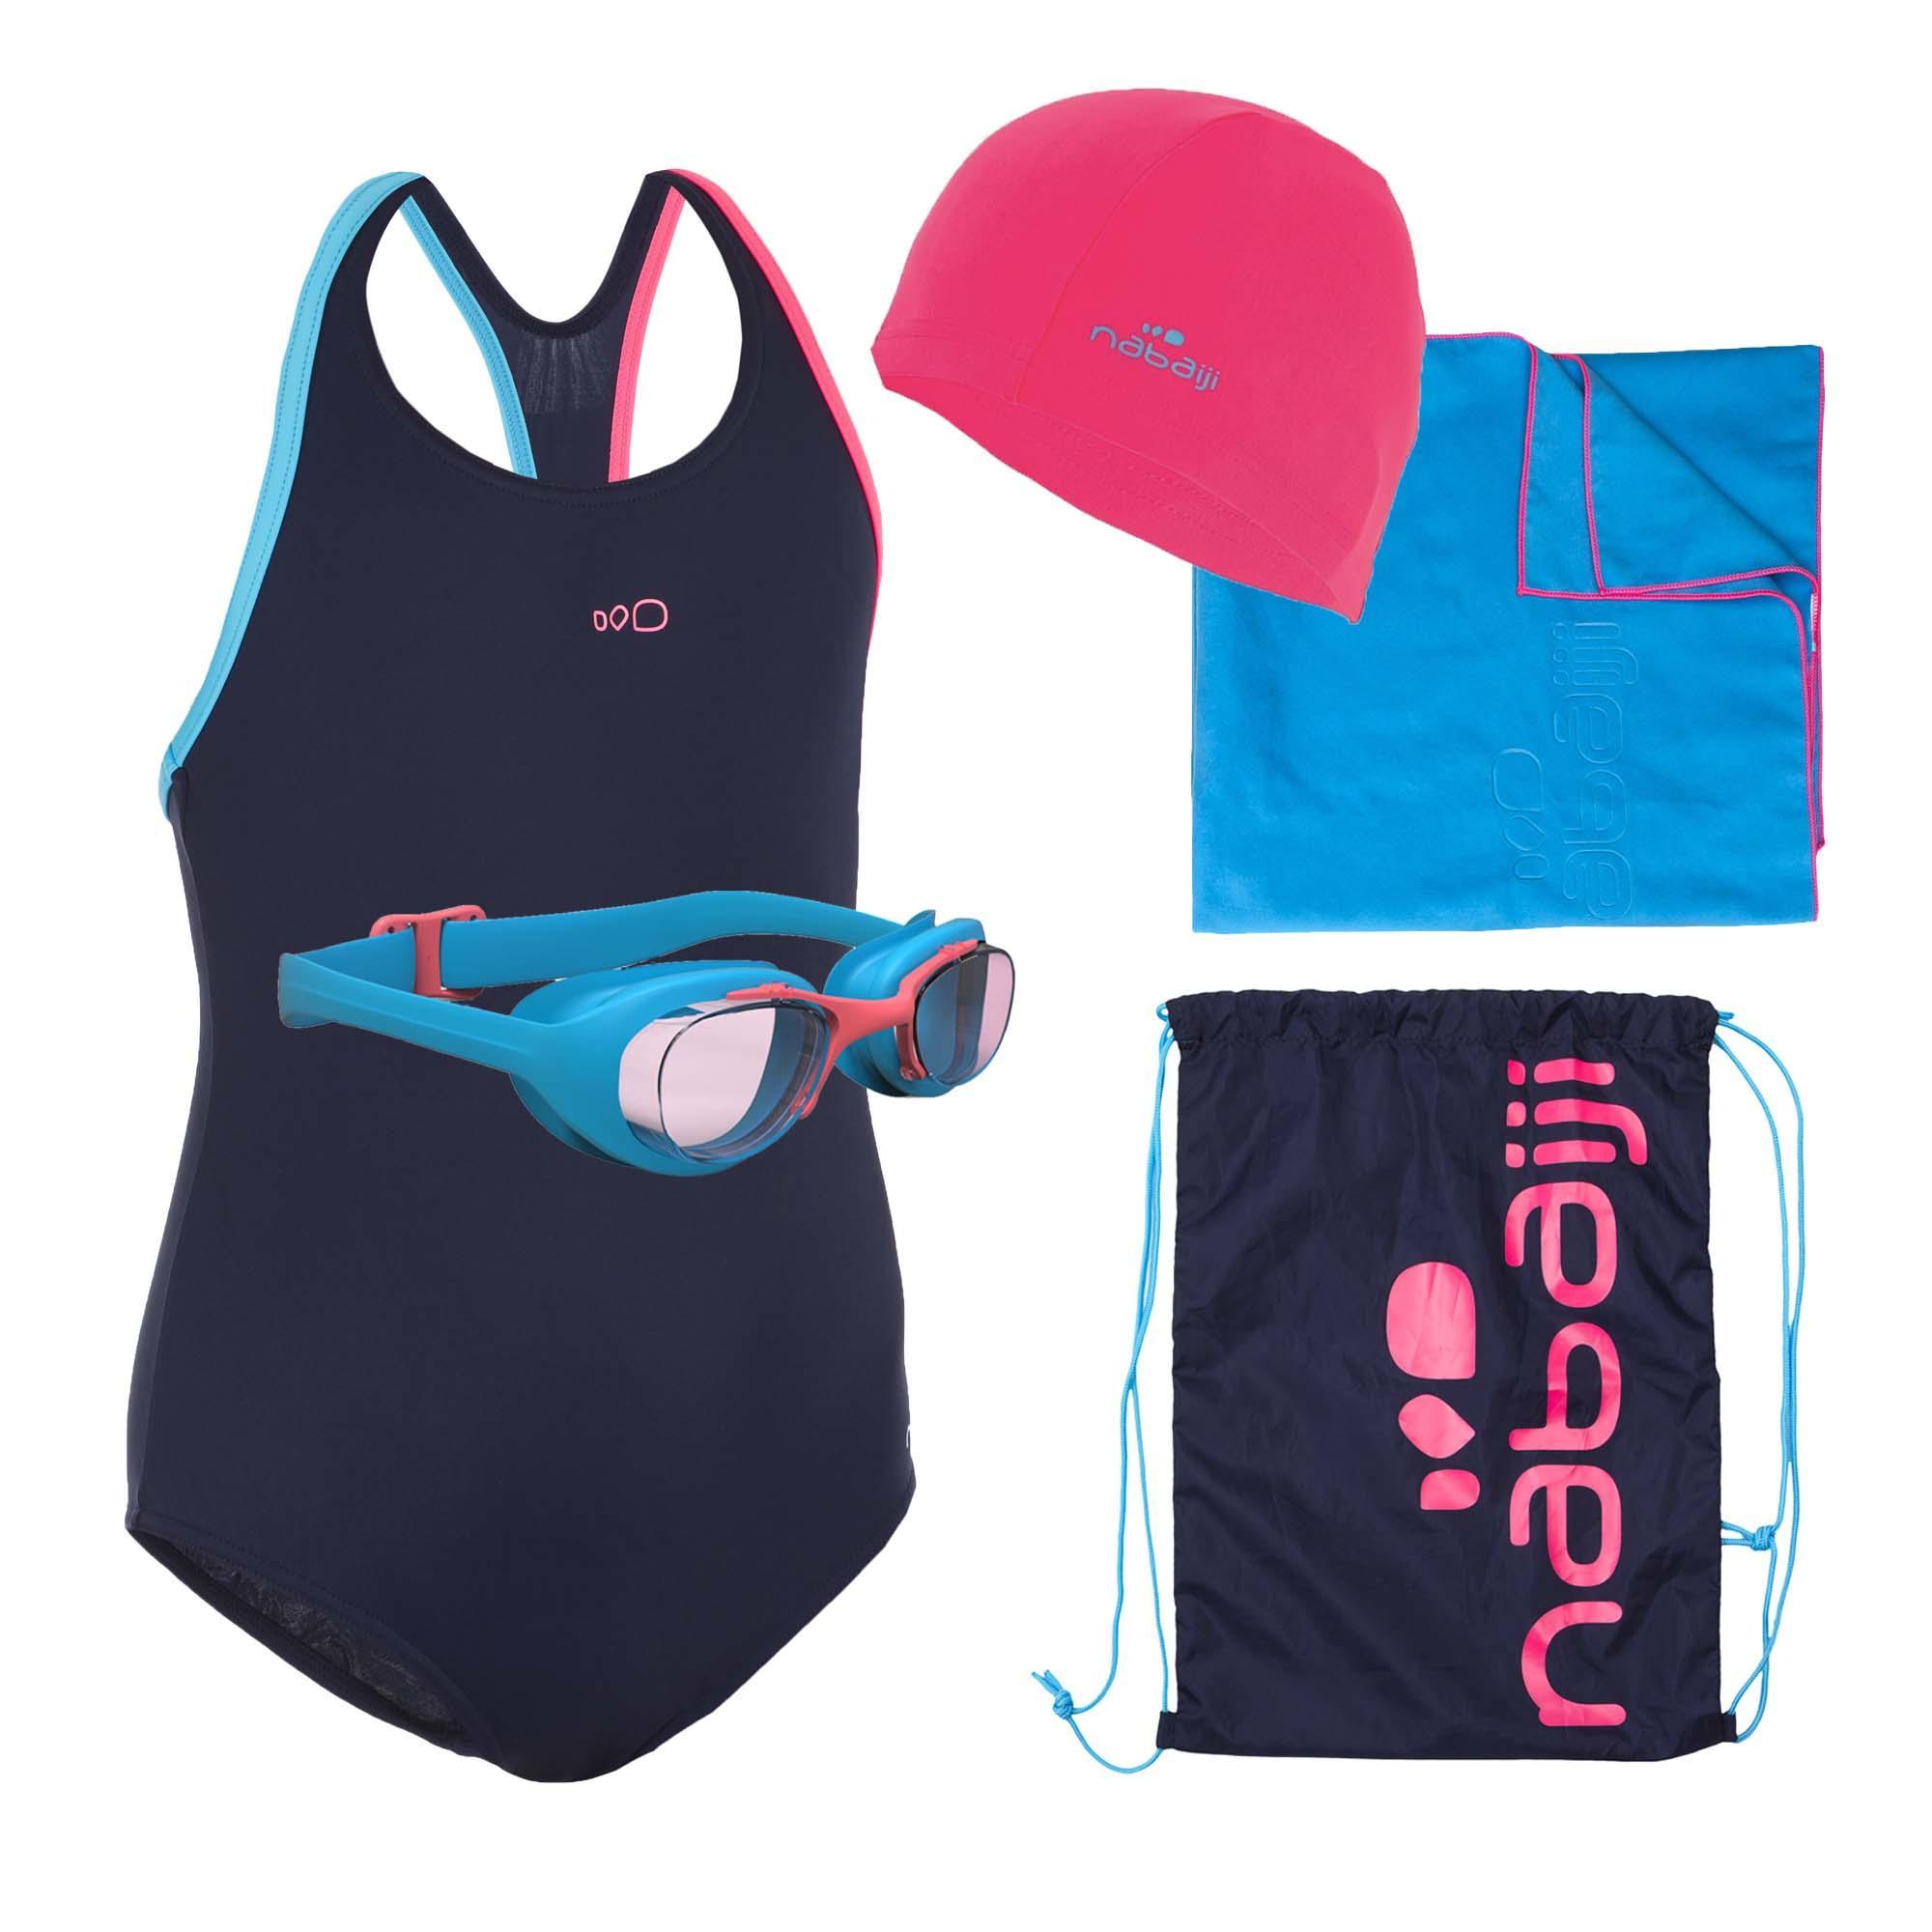 ec24f08ed5 Kit de natation Leony+ : maillot de bain, lunettes, bonnet, serviette, sac  | Nabaiji